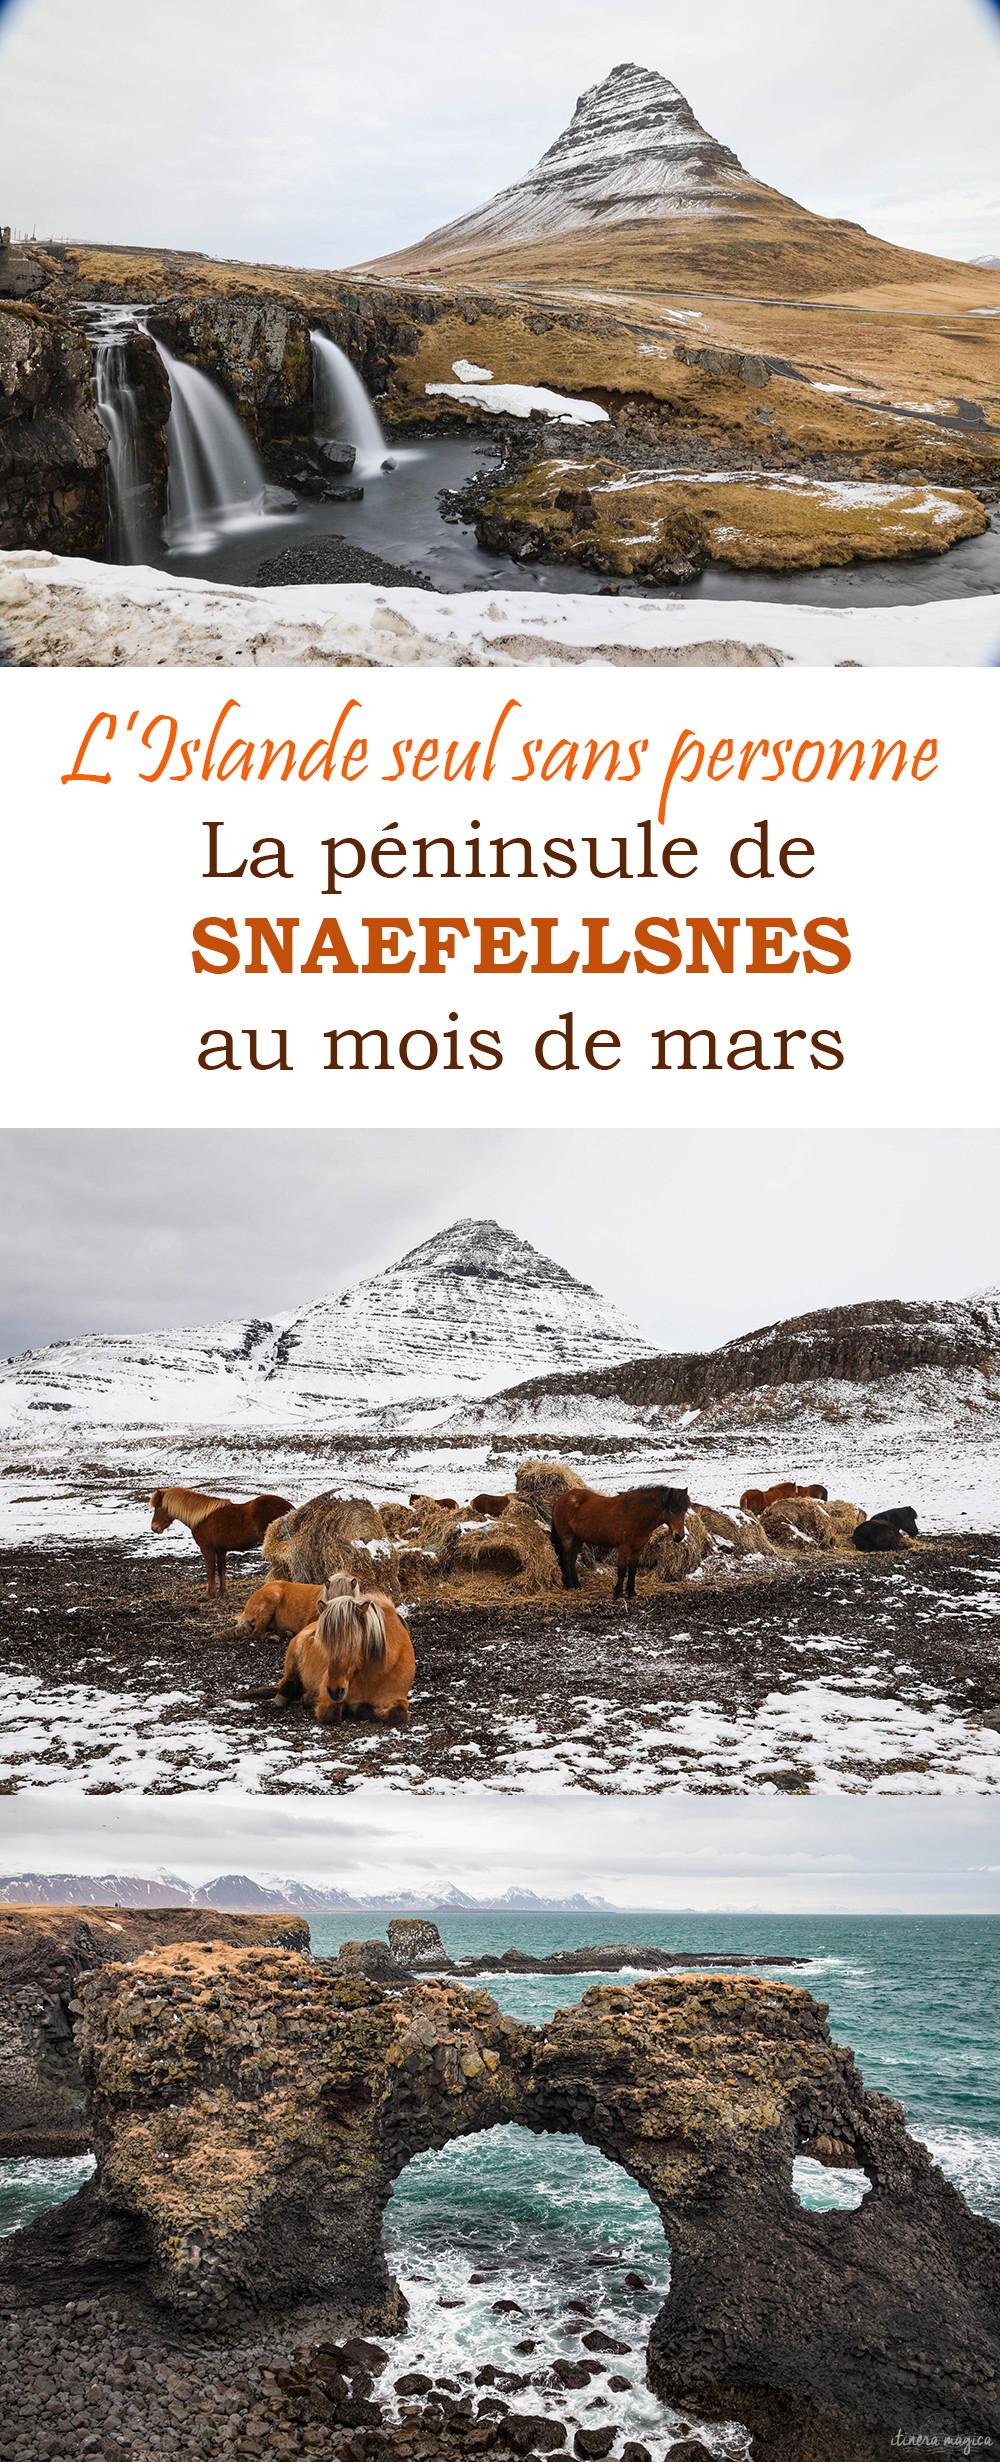 Retrouver l'Islande sans personne ? Allez à Snaefellsnes en mars ! Paysages sublimes et solitude grandiose...